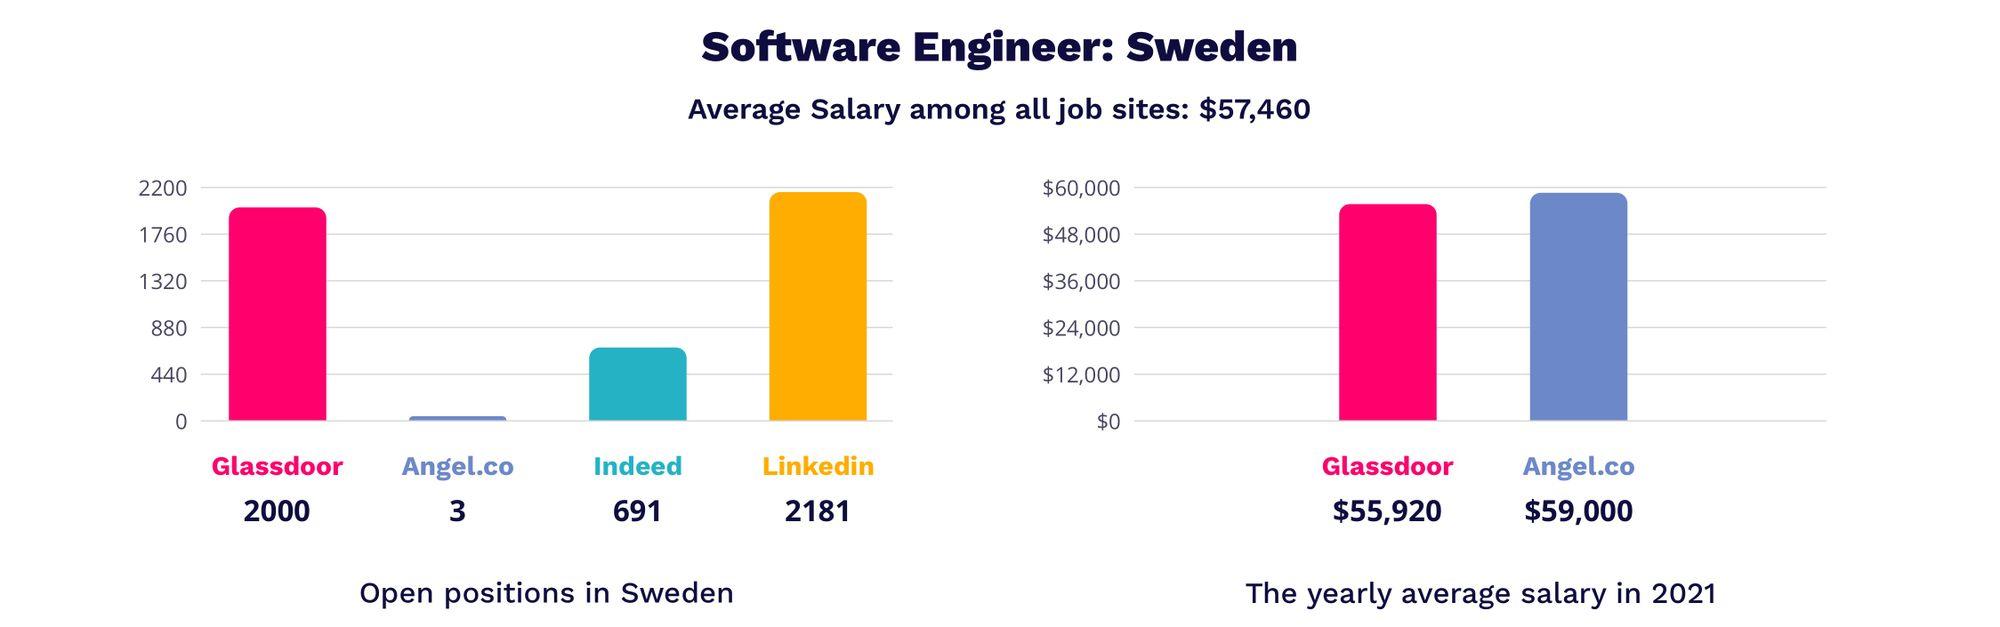 software engineer salaries in Sweden